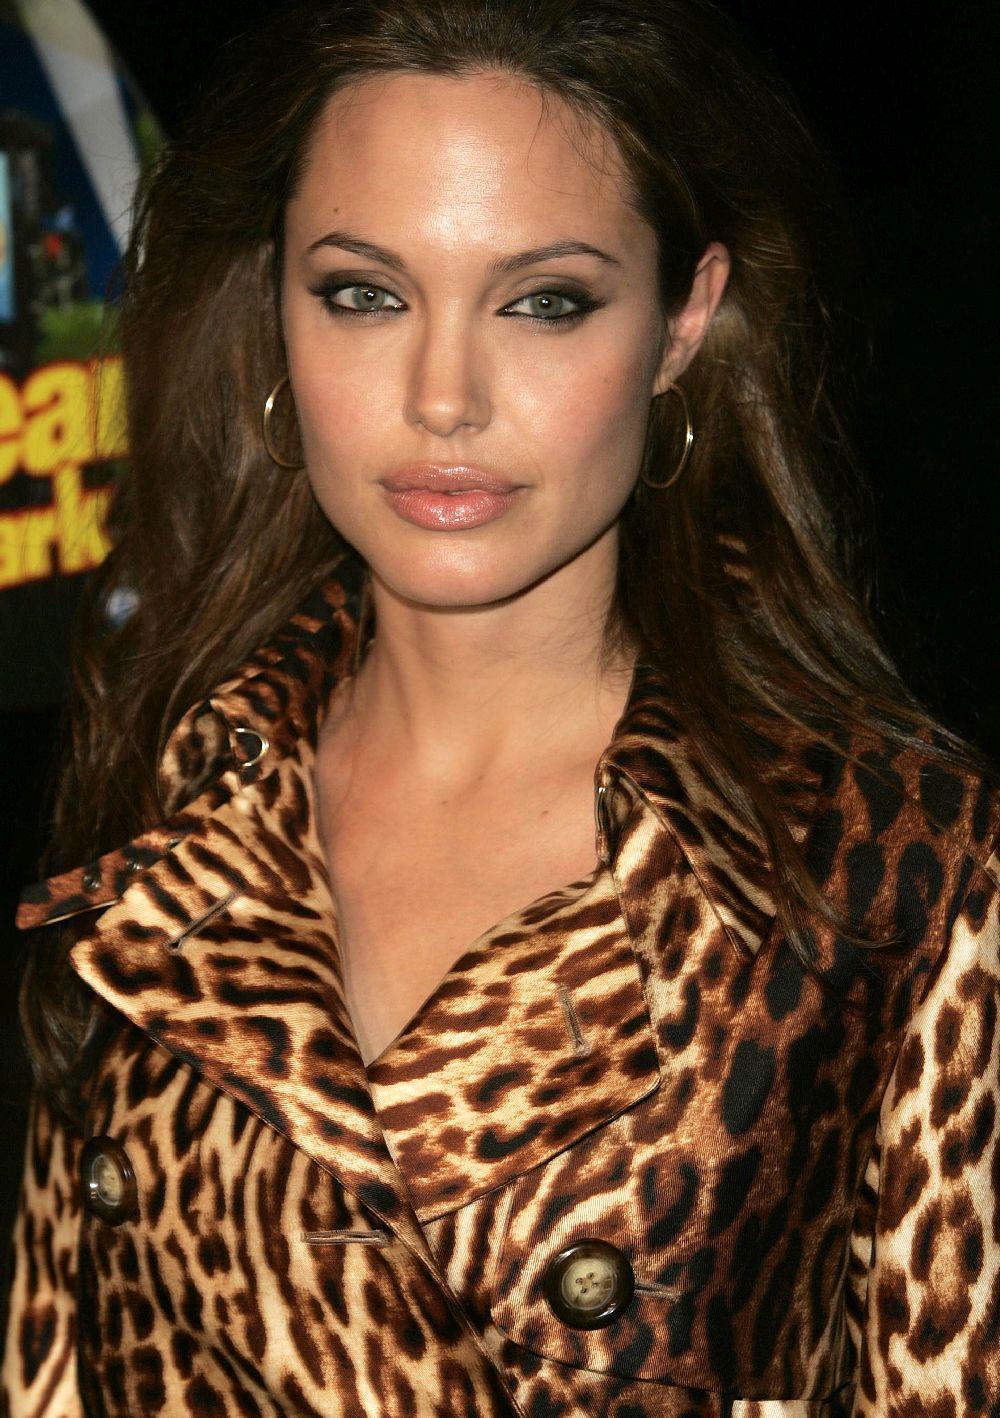 """<strong>Анджелина Джоли</strong><br> <br> Анджелина Джоли винаги е била открита за сексуалните си предпочитания, затвърждавайки ги публично с редица връзки с жени, включително и с модела Джени Шимизу. """"Винаги съм обичала жени. Смятам, че ако обичаш и искаш да задоволиш жена, особено ако и ти си жена, определено знаеш как да го направиш"""",споделя актрисата пред списание """"ОК""""."""